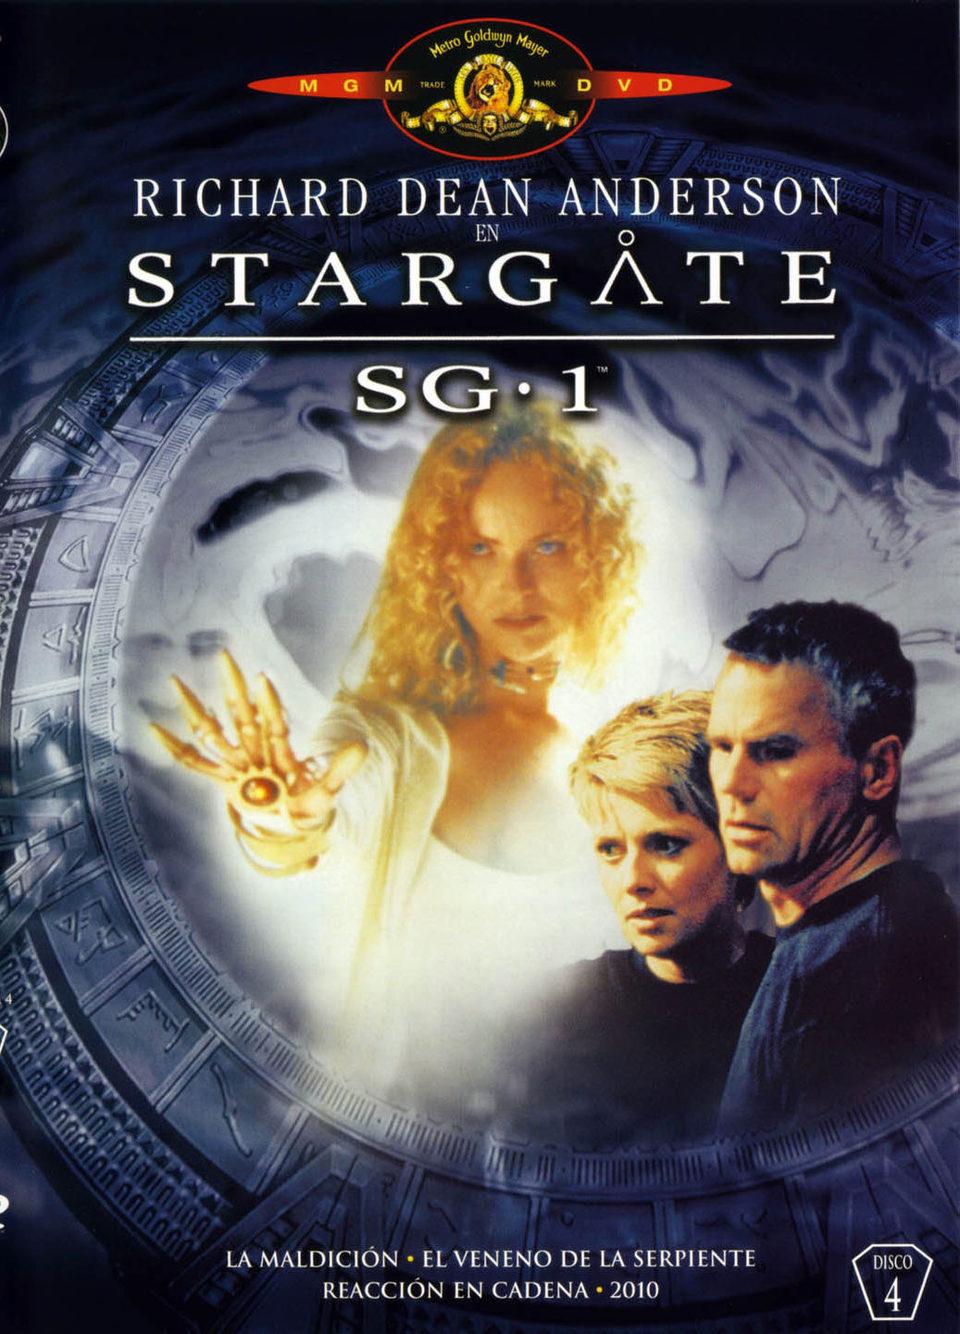 Cartel Temporada 4 de 'Stargate SG-1'